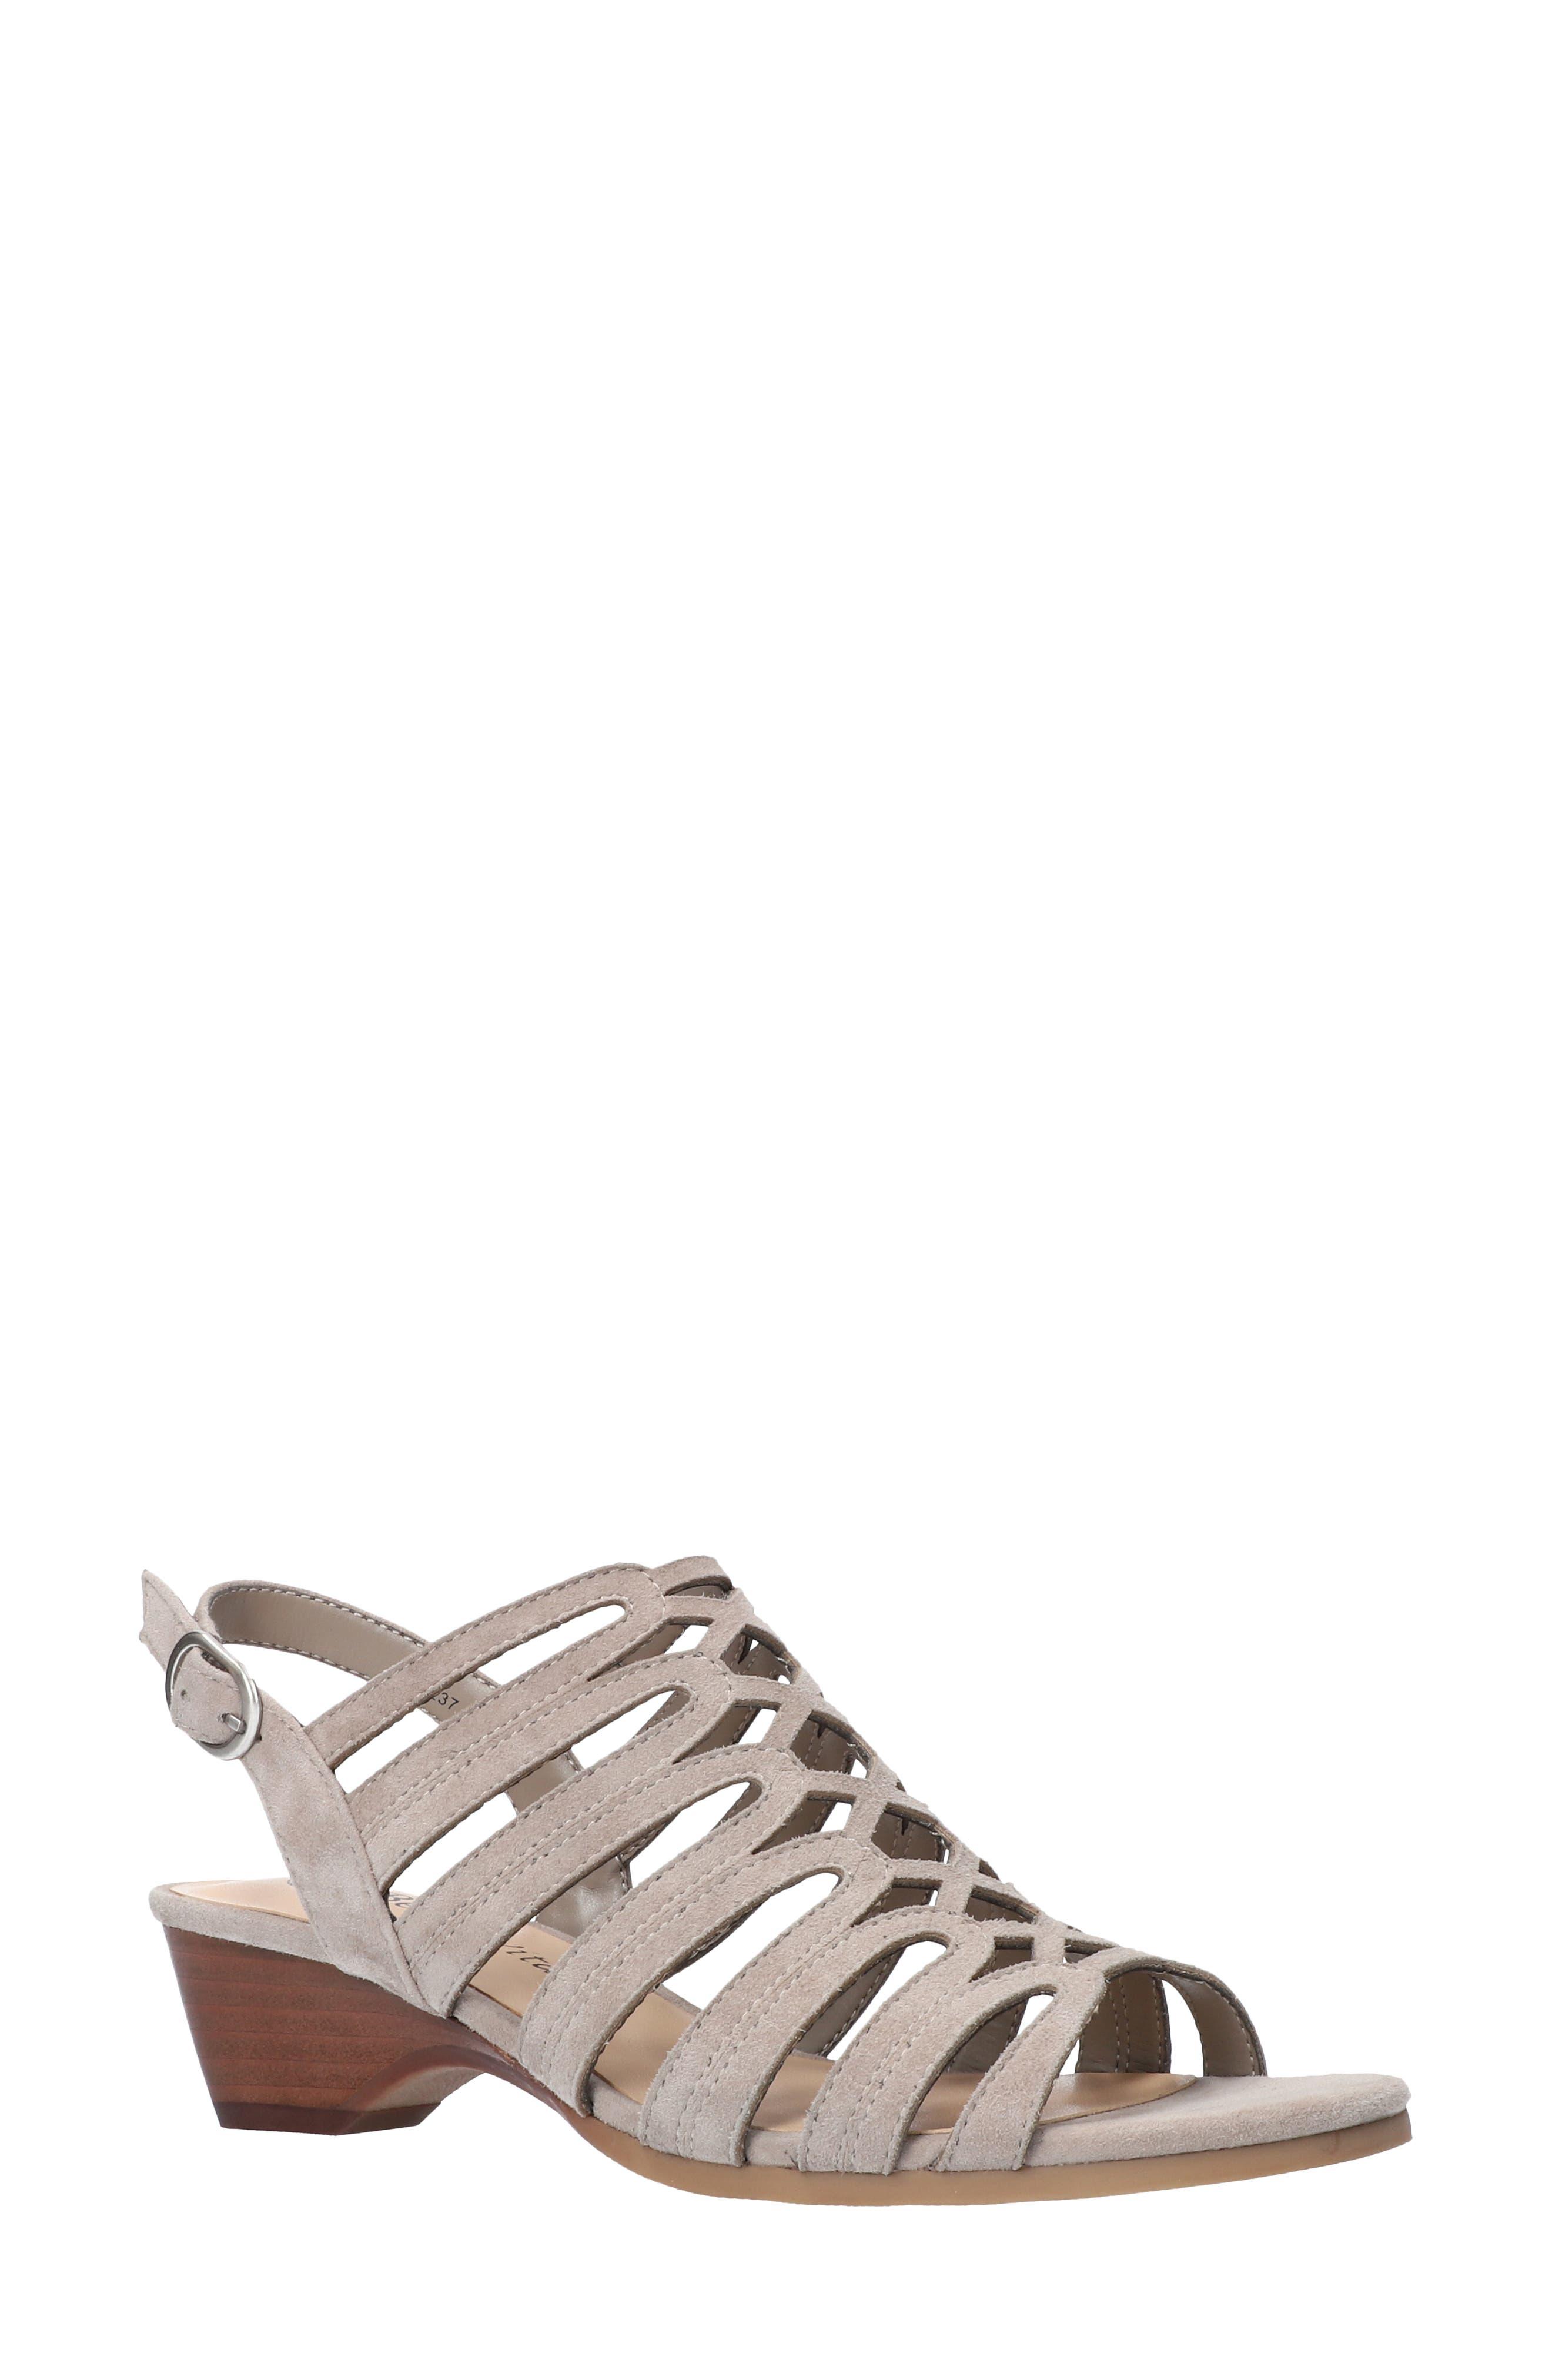 Taresa Strappy Sandal